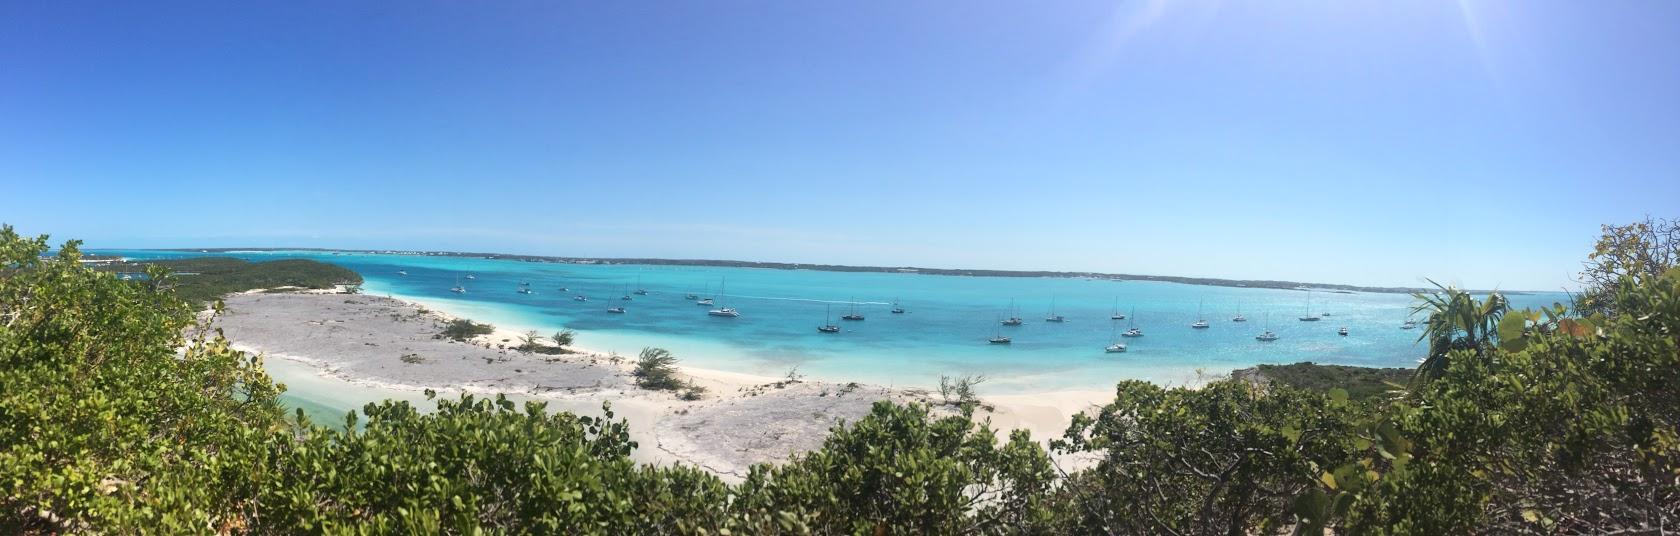 Exuma Park, Exumas - Bahamas